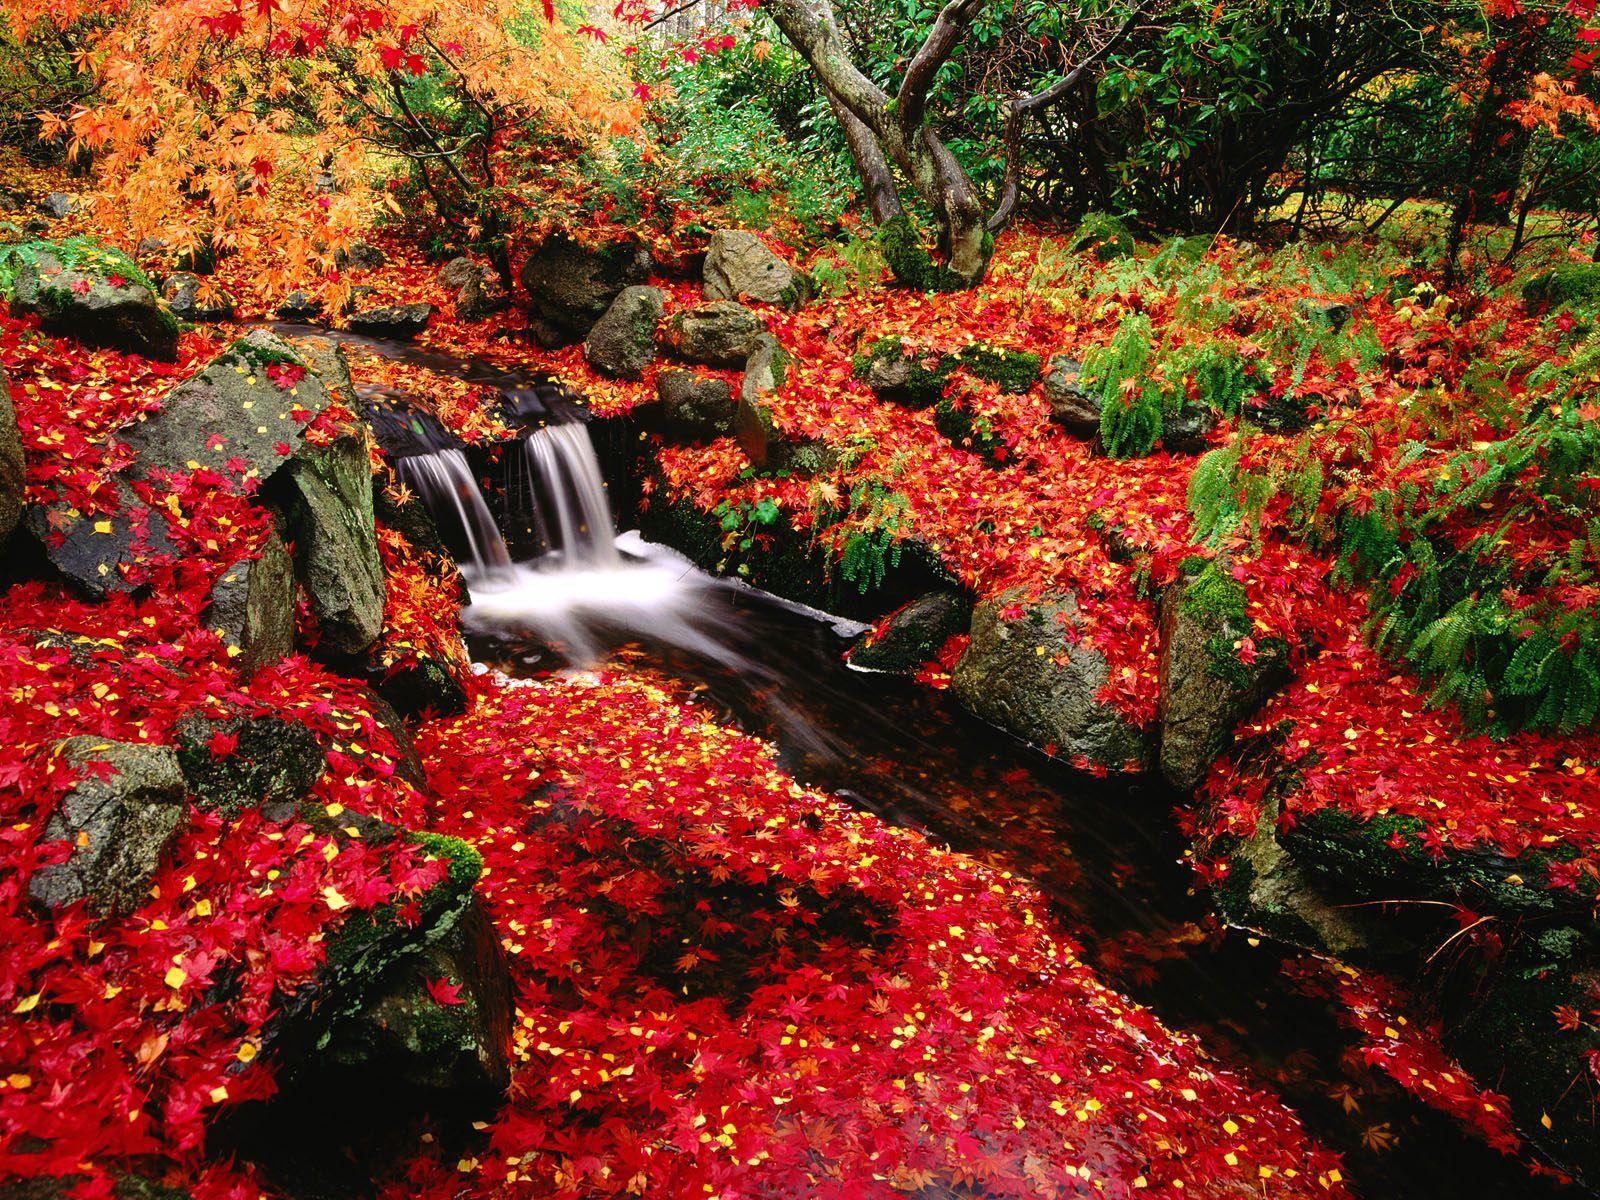 Japan Garden Flowers: Japan Flower Garden